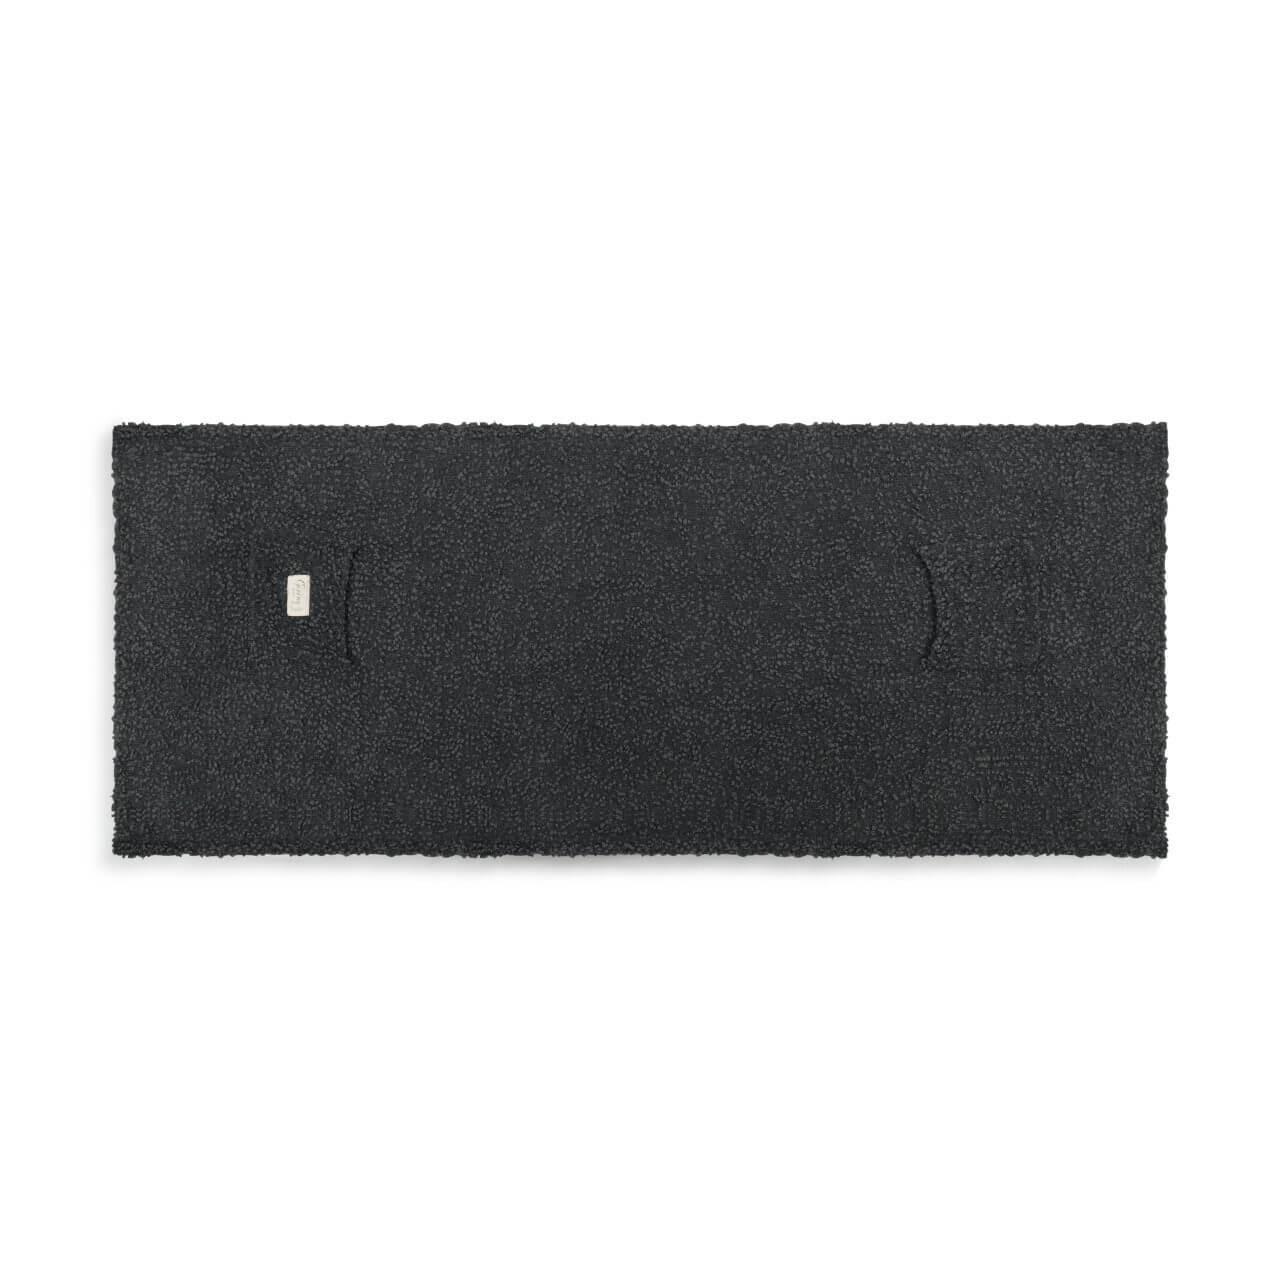 27 x 70 charcoal gray faith shawl pockets